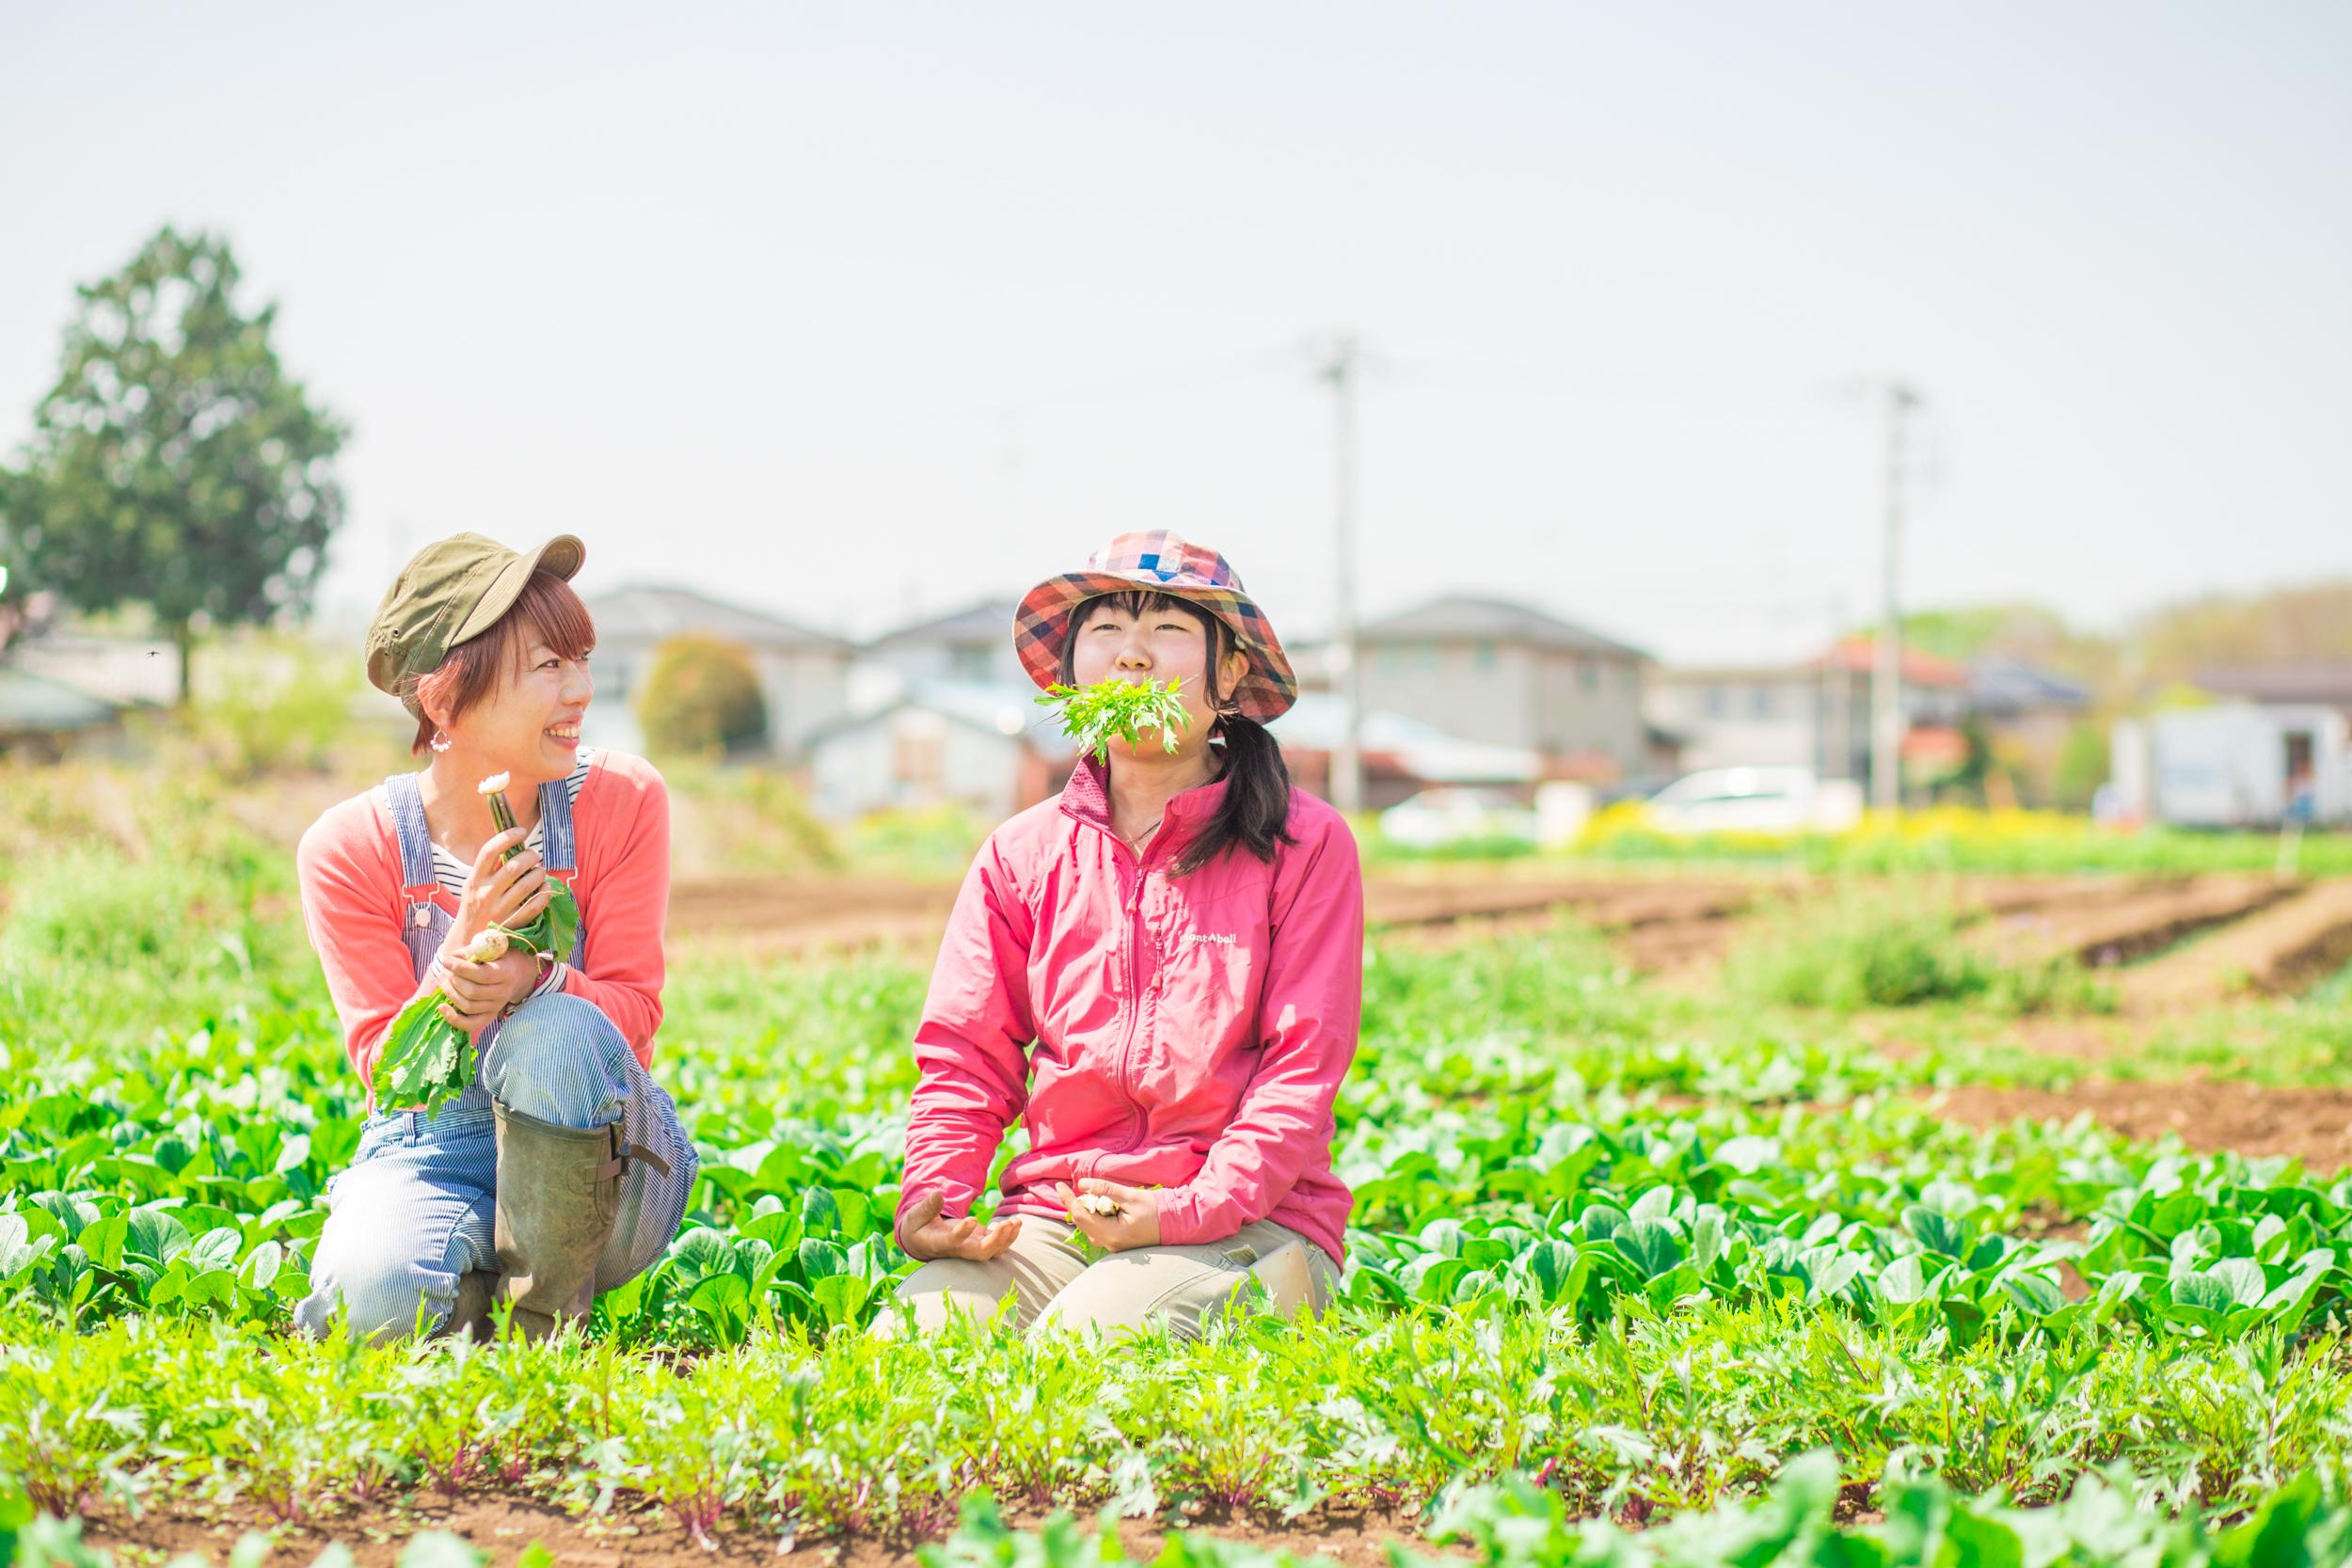 久松農園オフィシャルサイト | 農家であり料理人であるということ